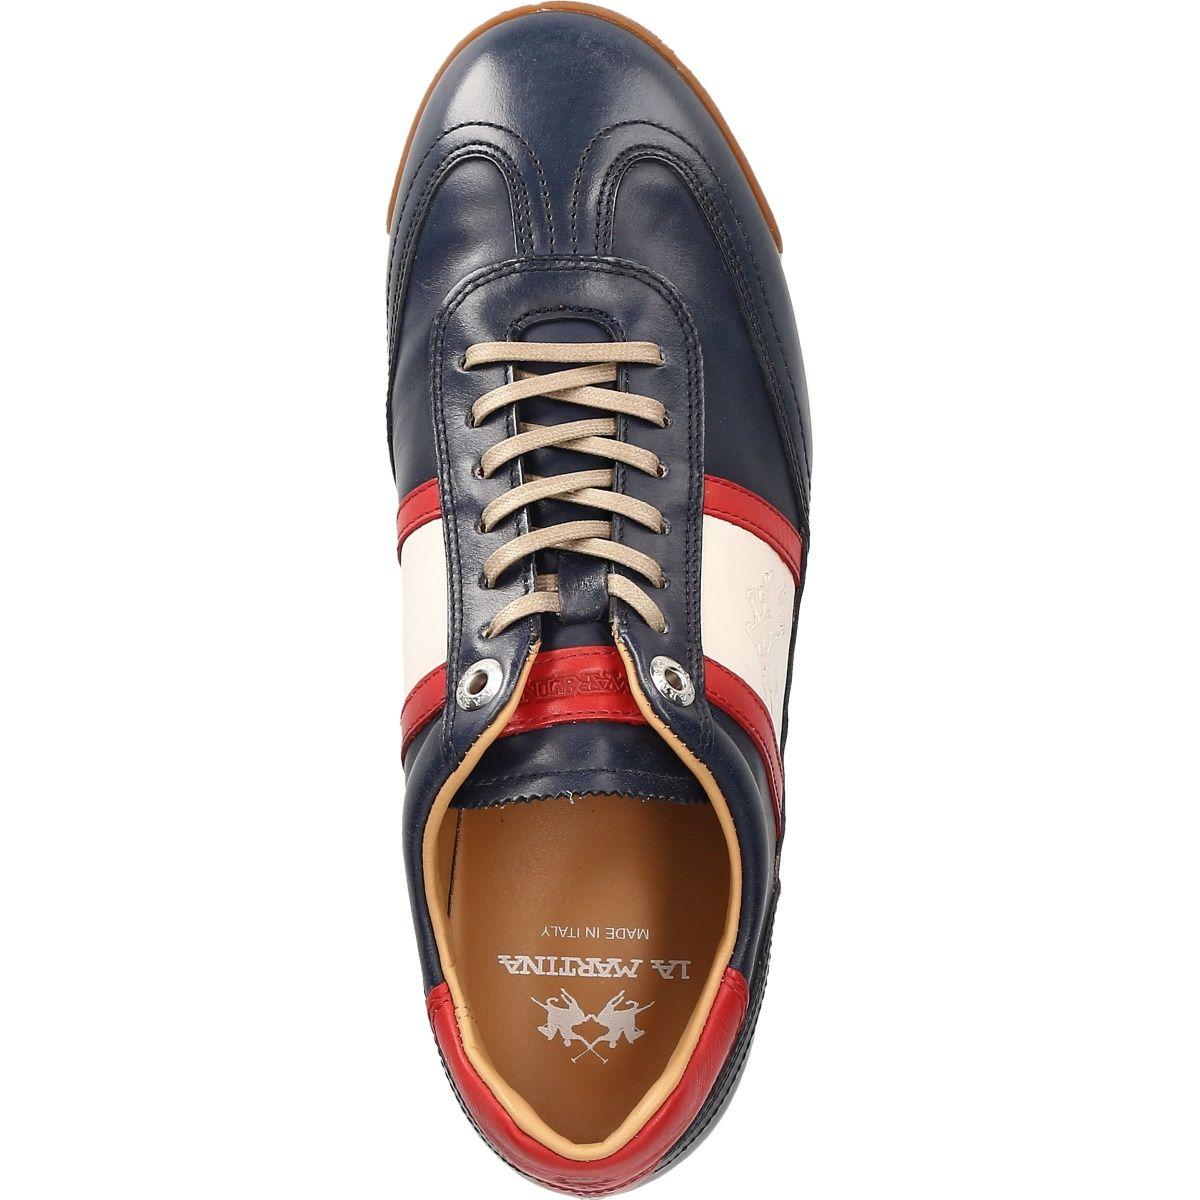 La Martina L7071 182 Butterno Blue Men S Shoes Lace Ups